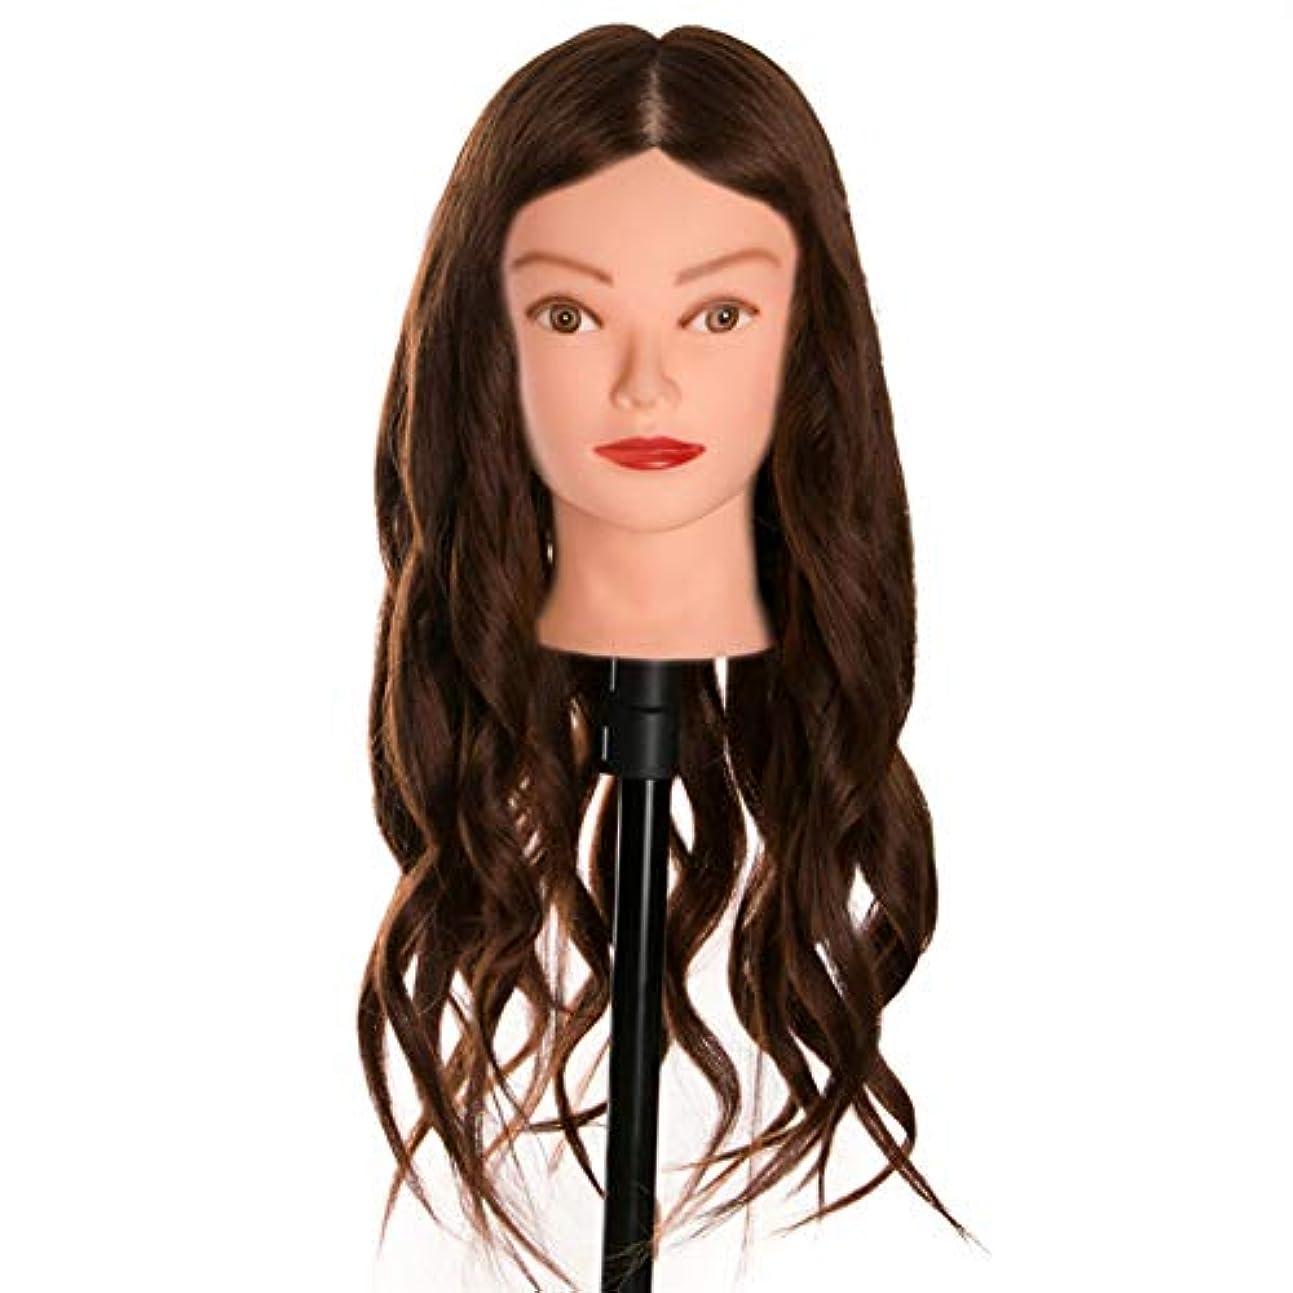 インタフェース肉の東理髪サロンエクササイズヘッド金型メイクディスクヘアスタイリング編み教育ダミーヘッドヘアカットトレーニングかつら金型3個